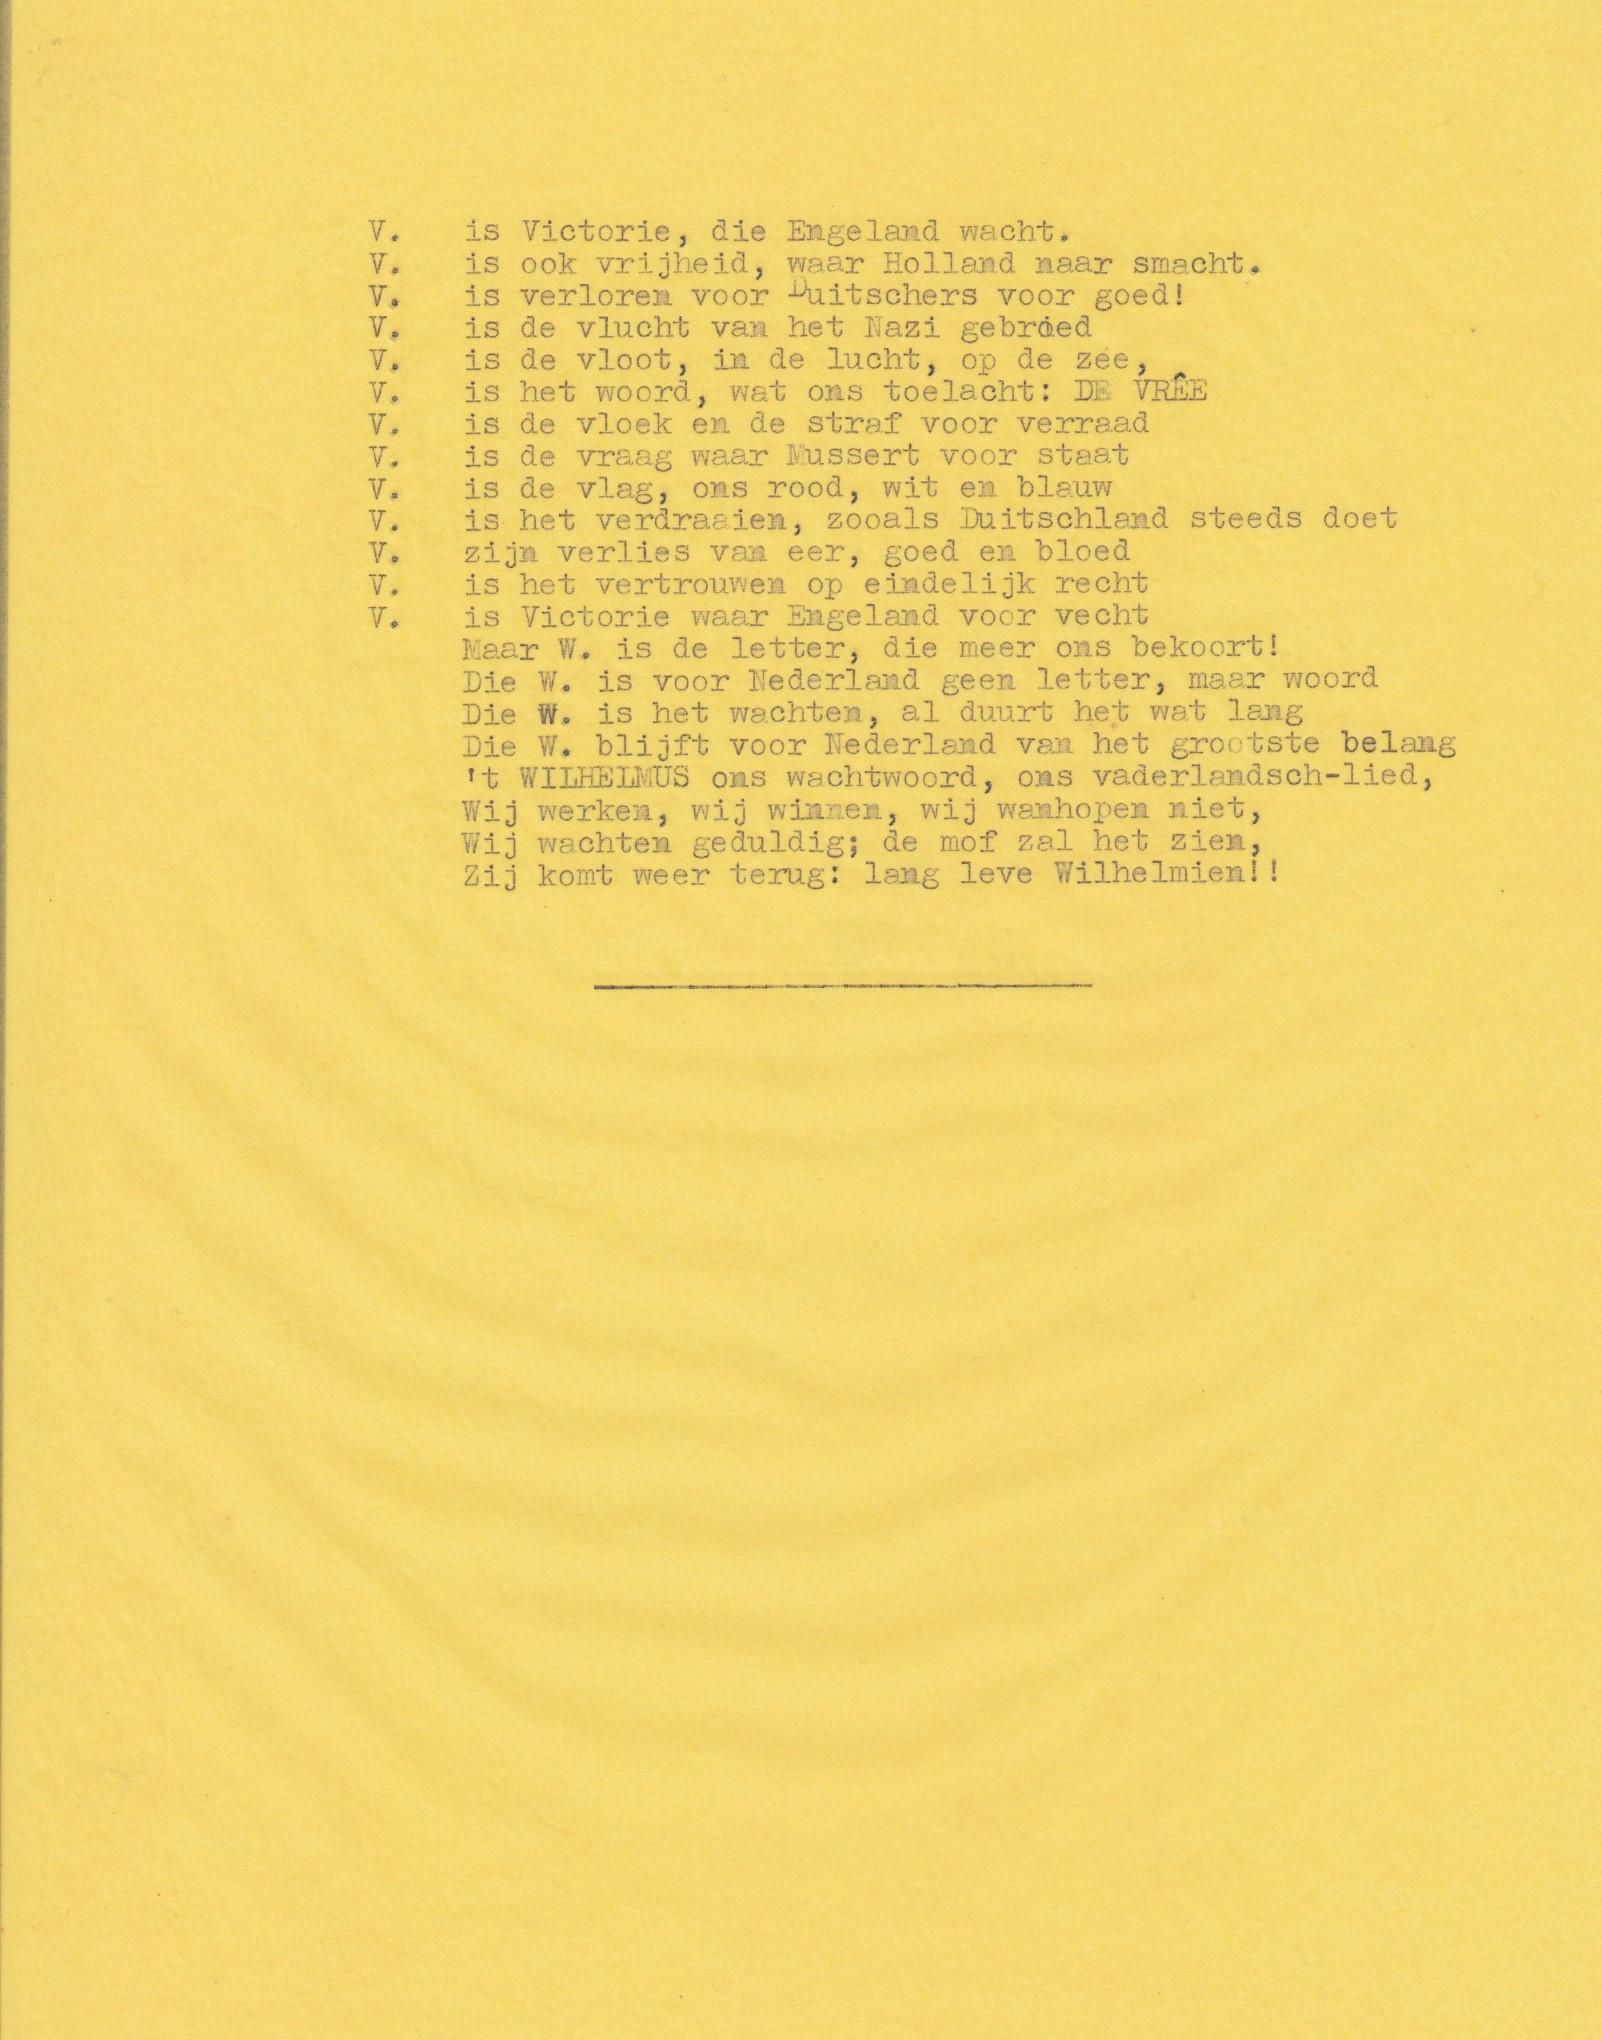 Verzetsdocumenten (25)